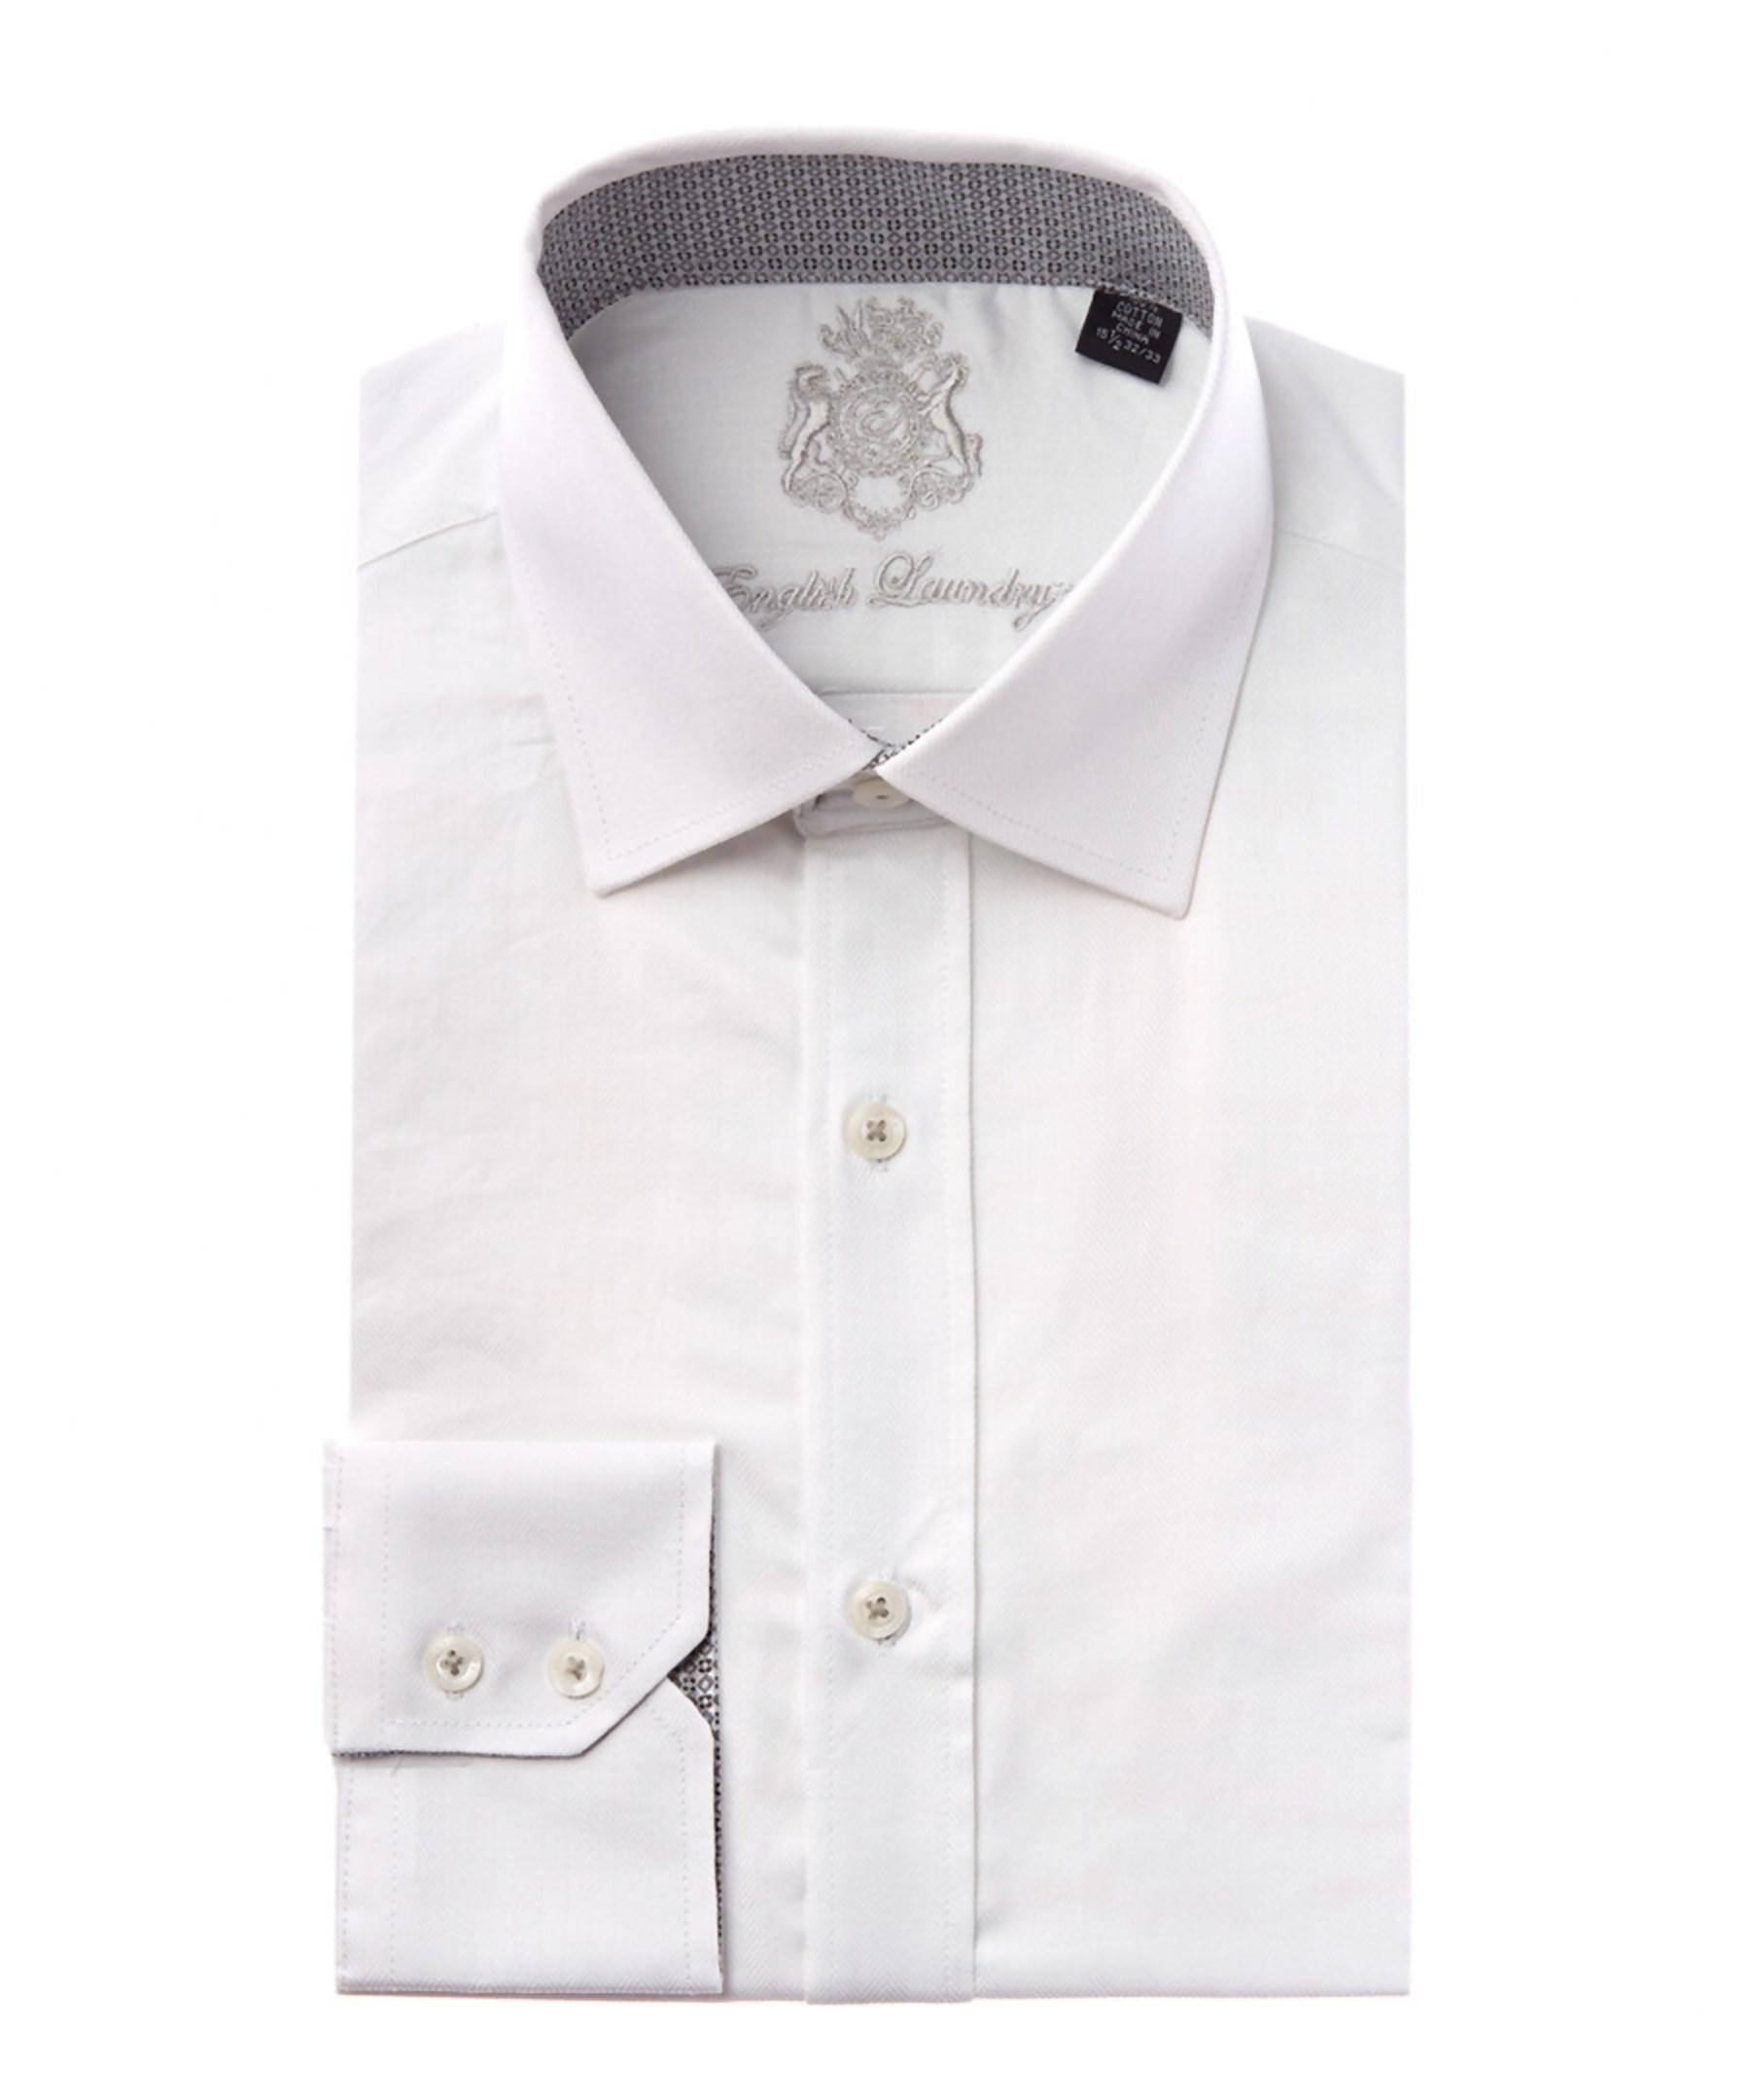 English laundry white herringbone dress shirt in red for for White herringbone dress shirt